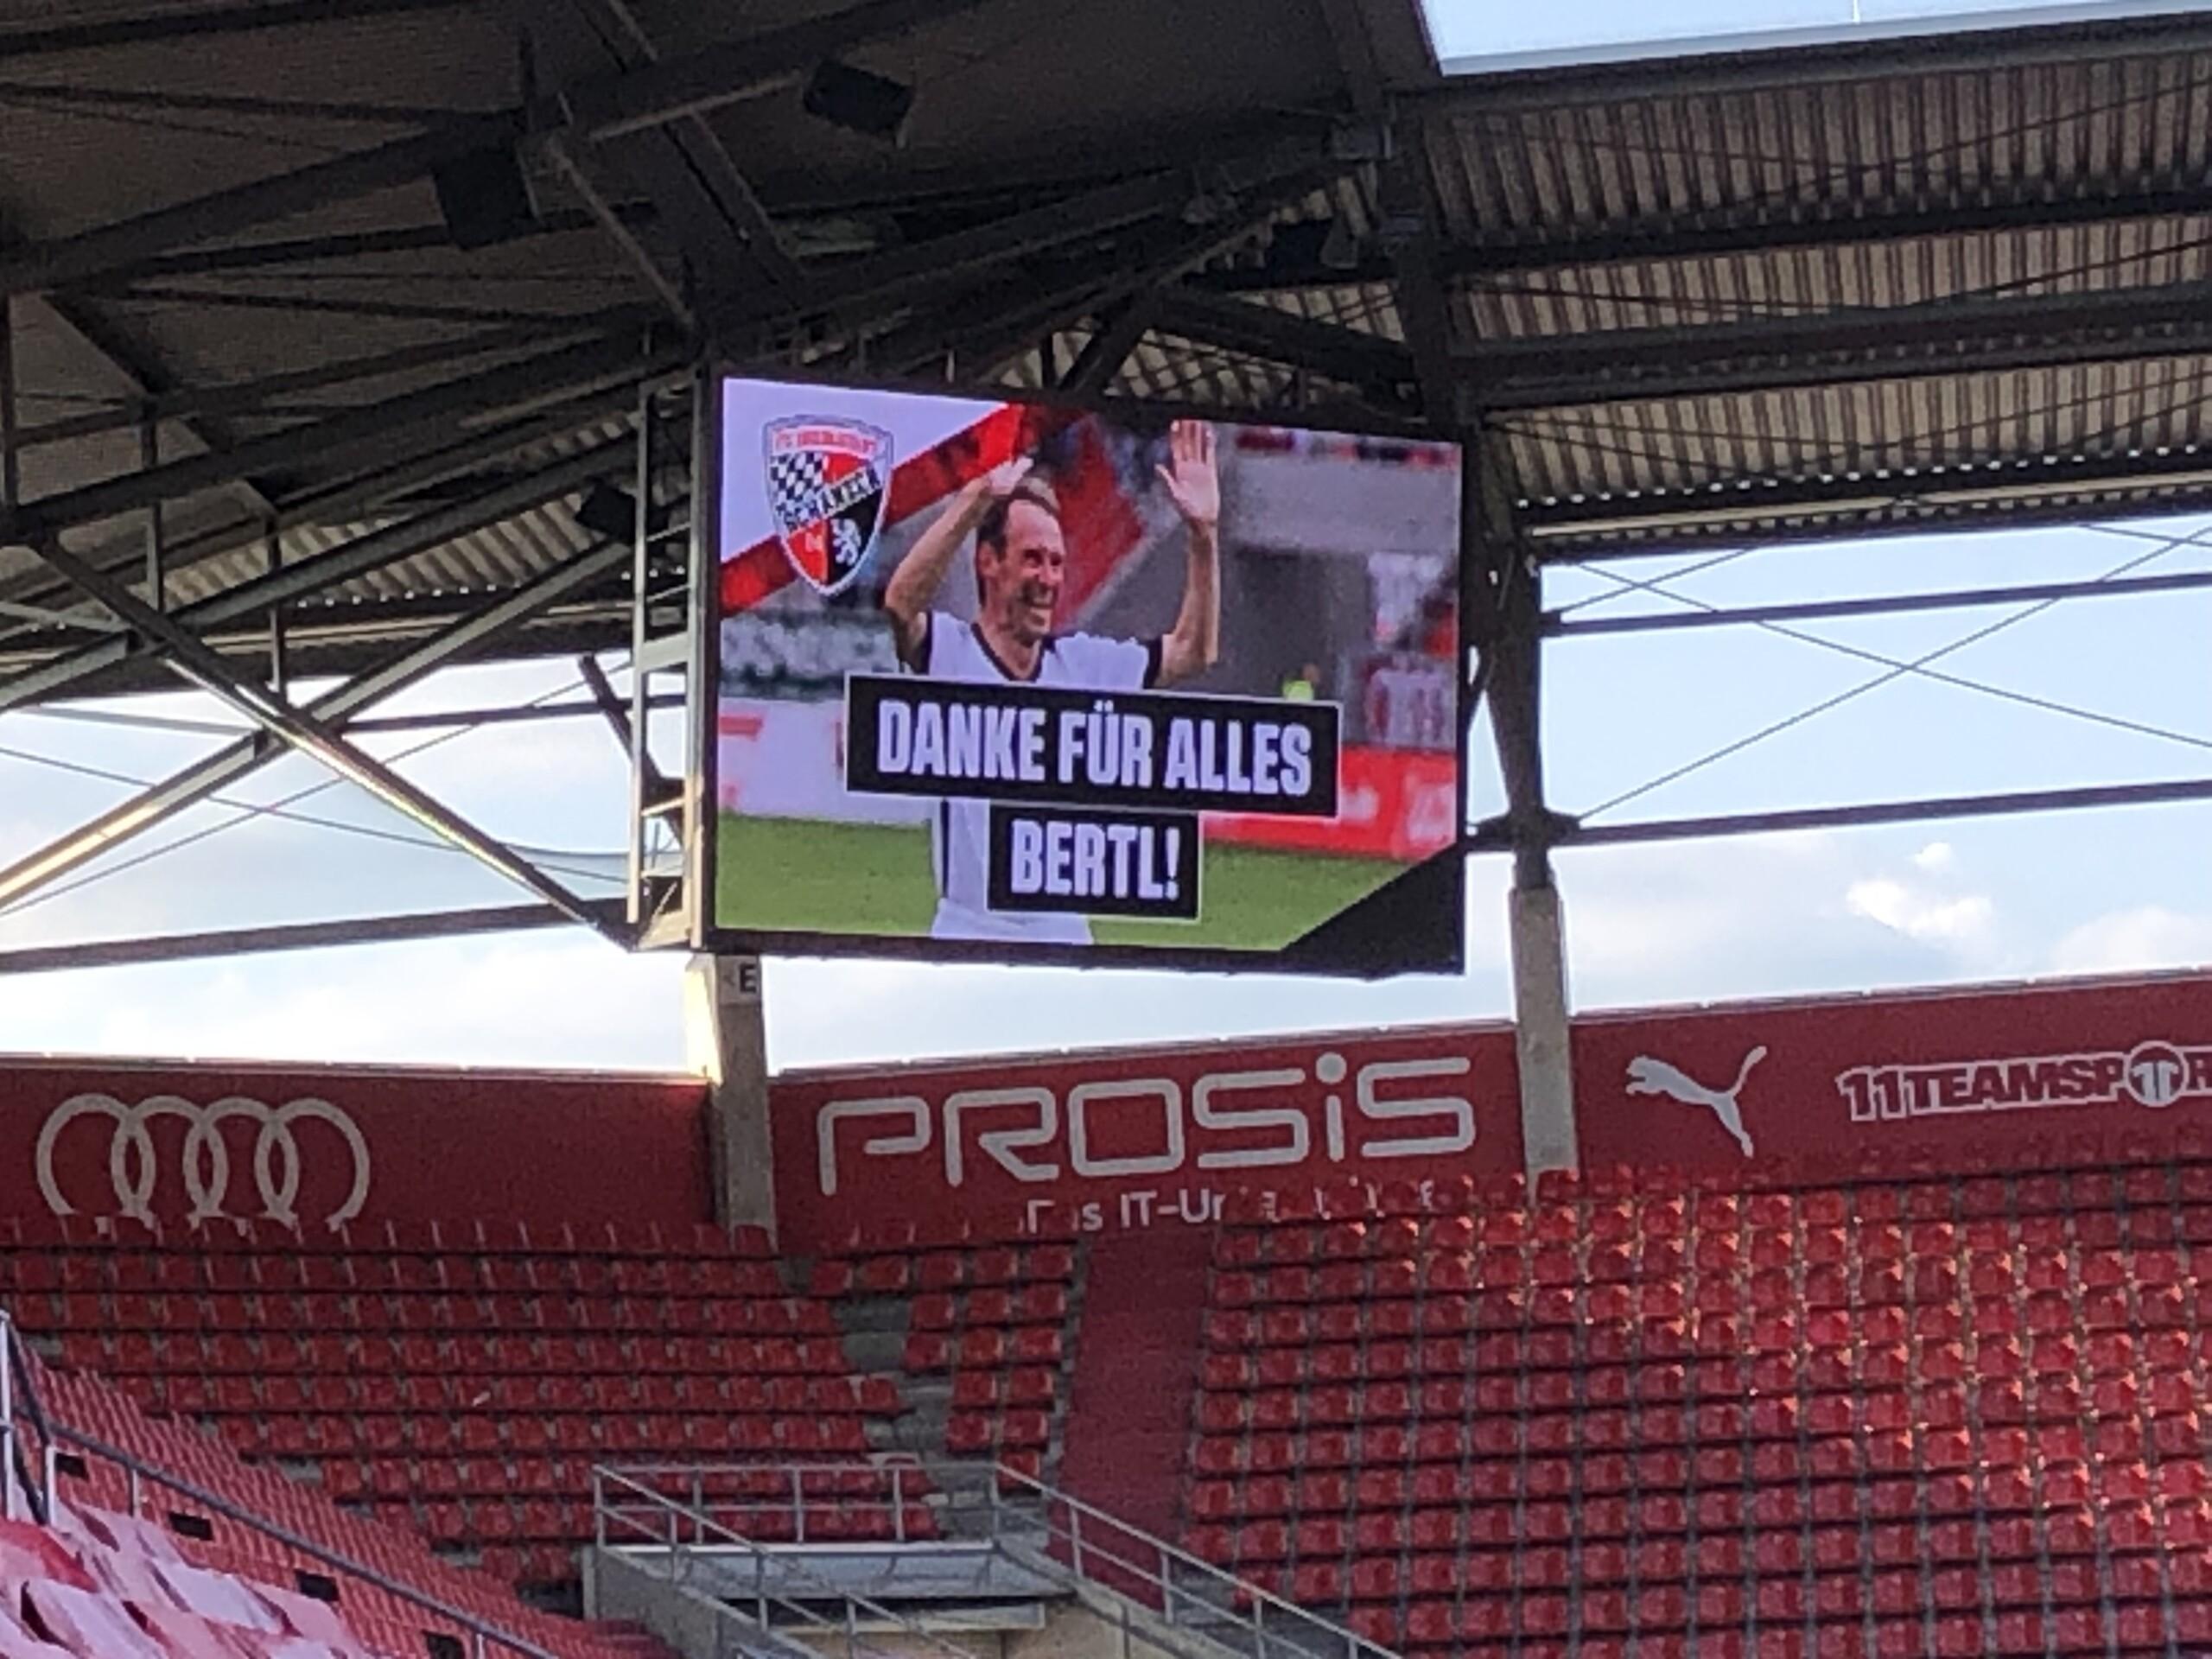 Auf der Stadionleinwand ist ein Bild mit einem Spieler mit der Schrift Danke für alles.